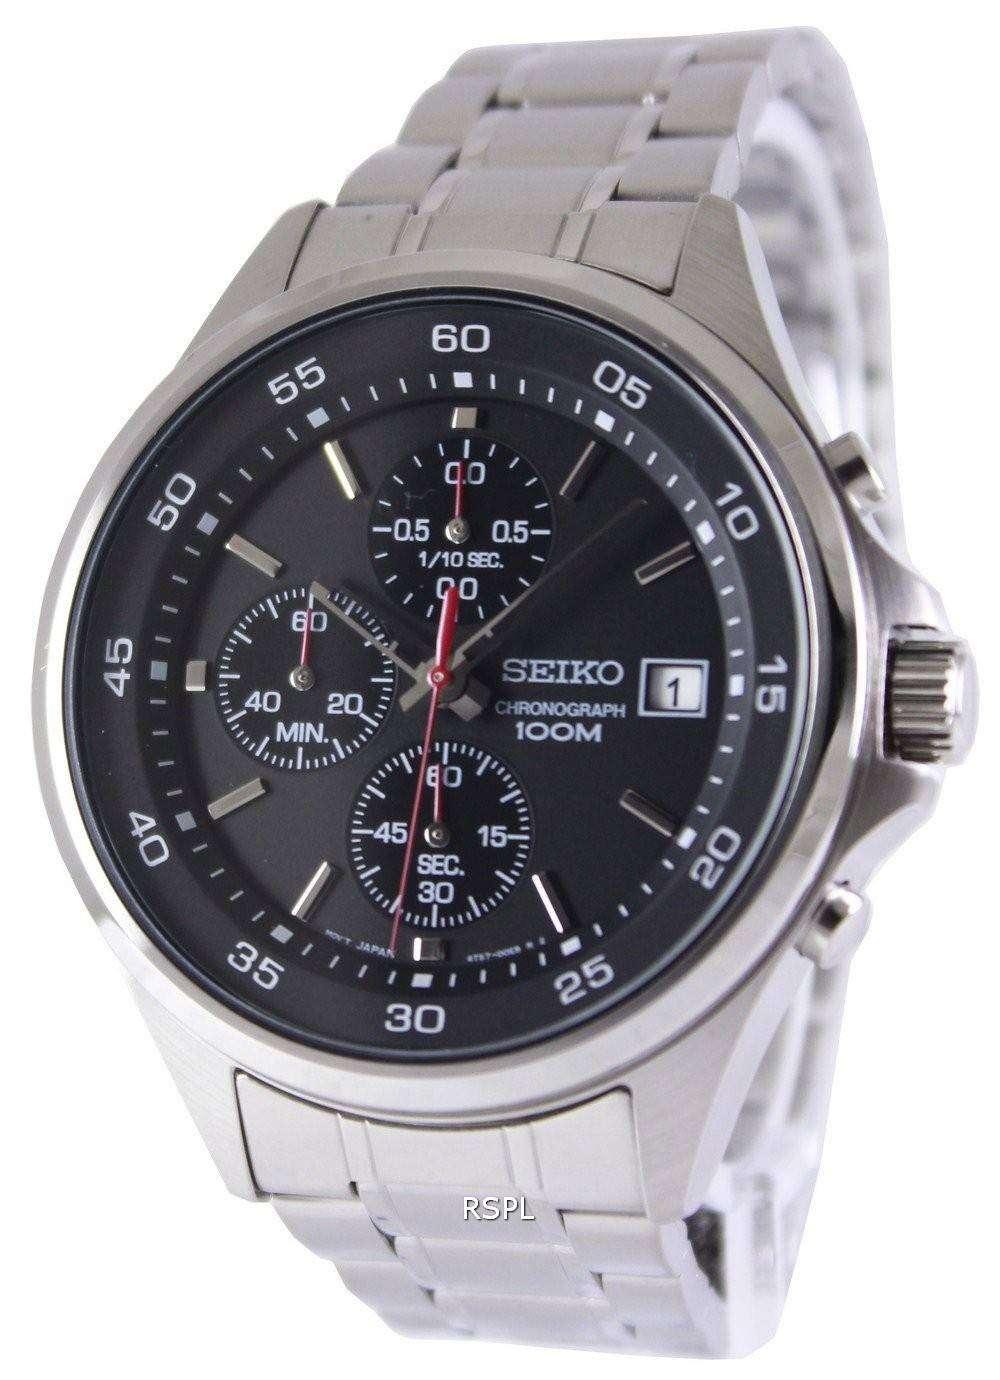 seiko chronograph quartz 100m sks477p1 sks477p mens watch. Black Bedroom Furniture Sets. Home Design Ideas